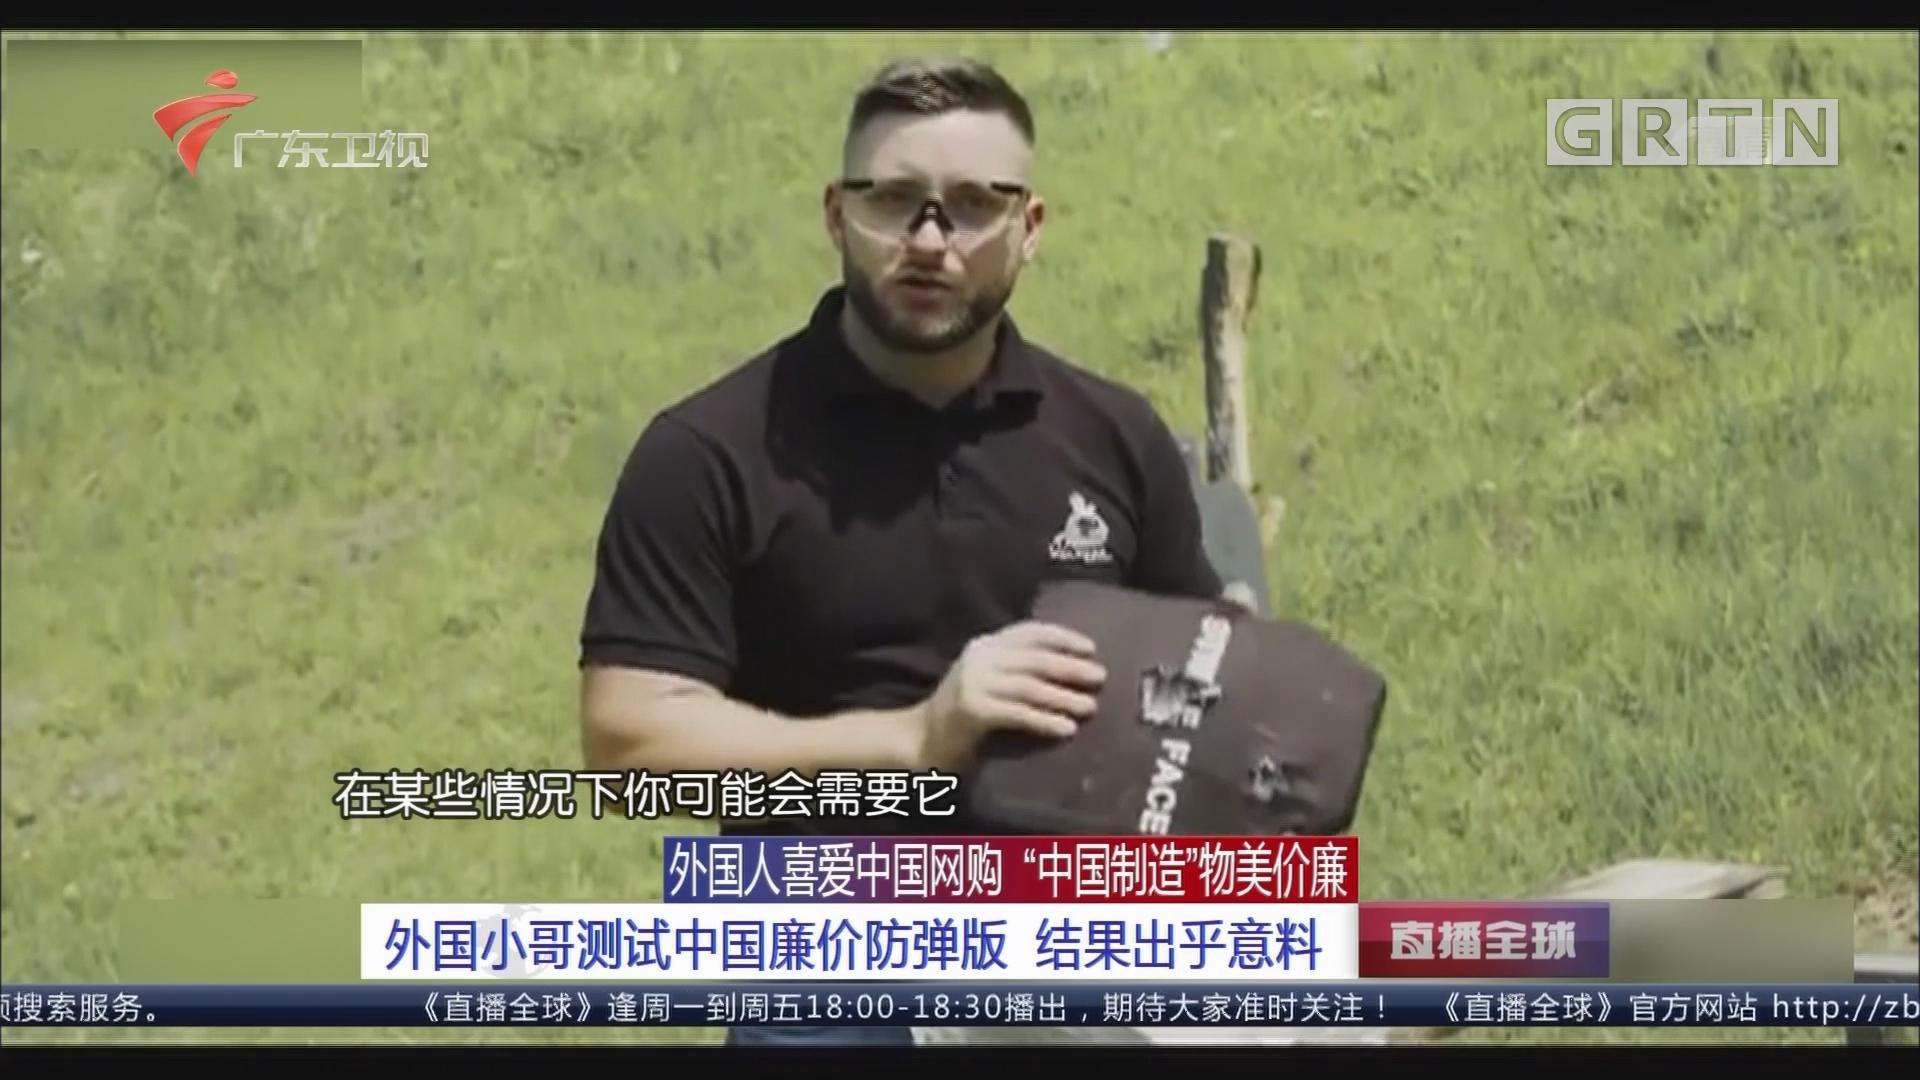 """外国人喜爱中国网购 """"中国制造""""物美价廉:外国小哥测试中国廉价防弹版 结果出乎意料"""